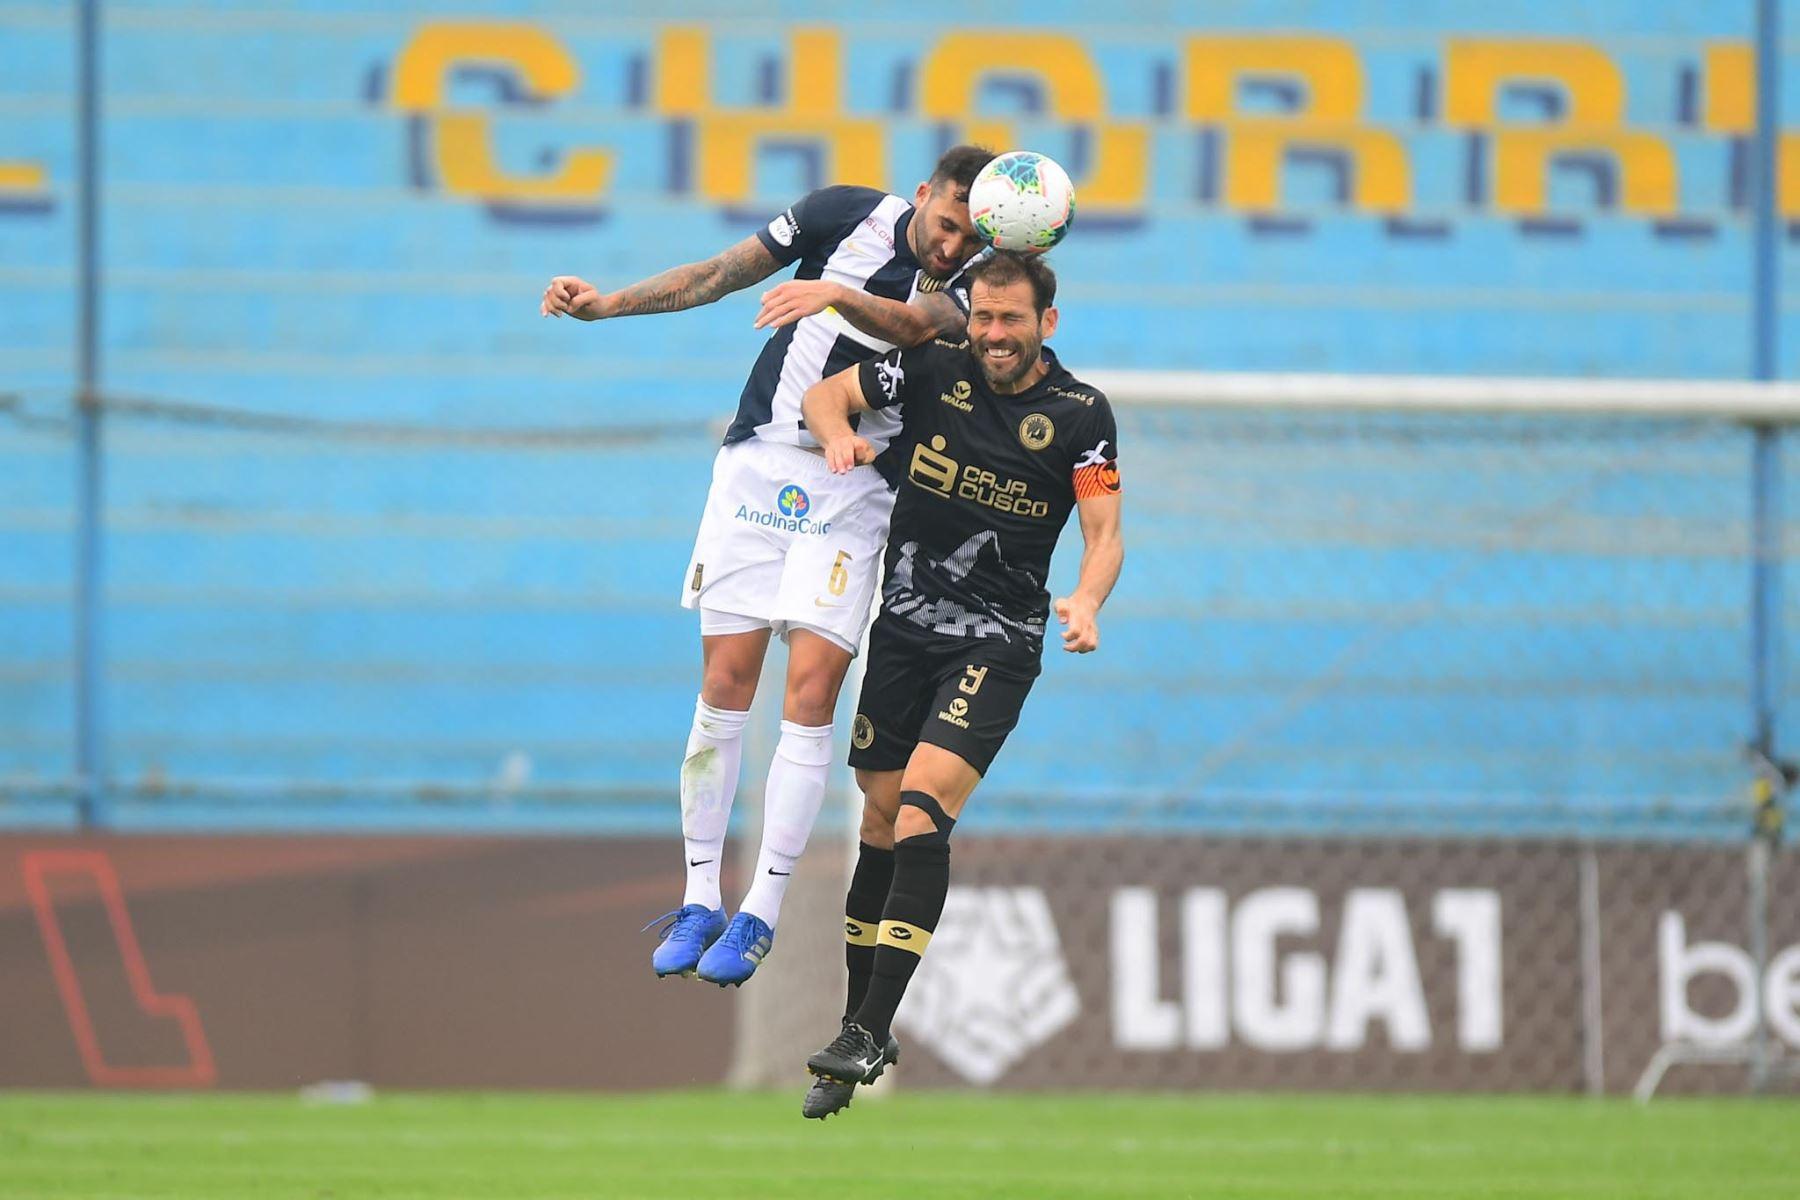 P. Migues de Alianza Lima disputa un balón ante M. Montes de Cusco FC durante partido por la fecha 11 de la Liga 1, en el estadio Alberto Gallardo. Foto: Liga 1